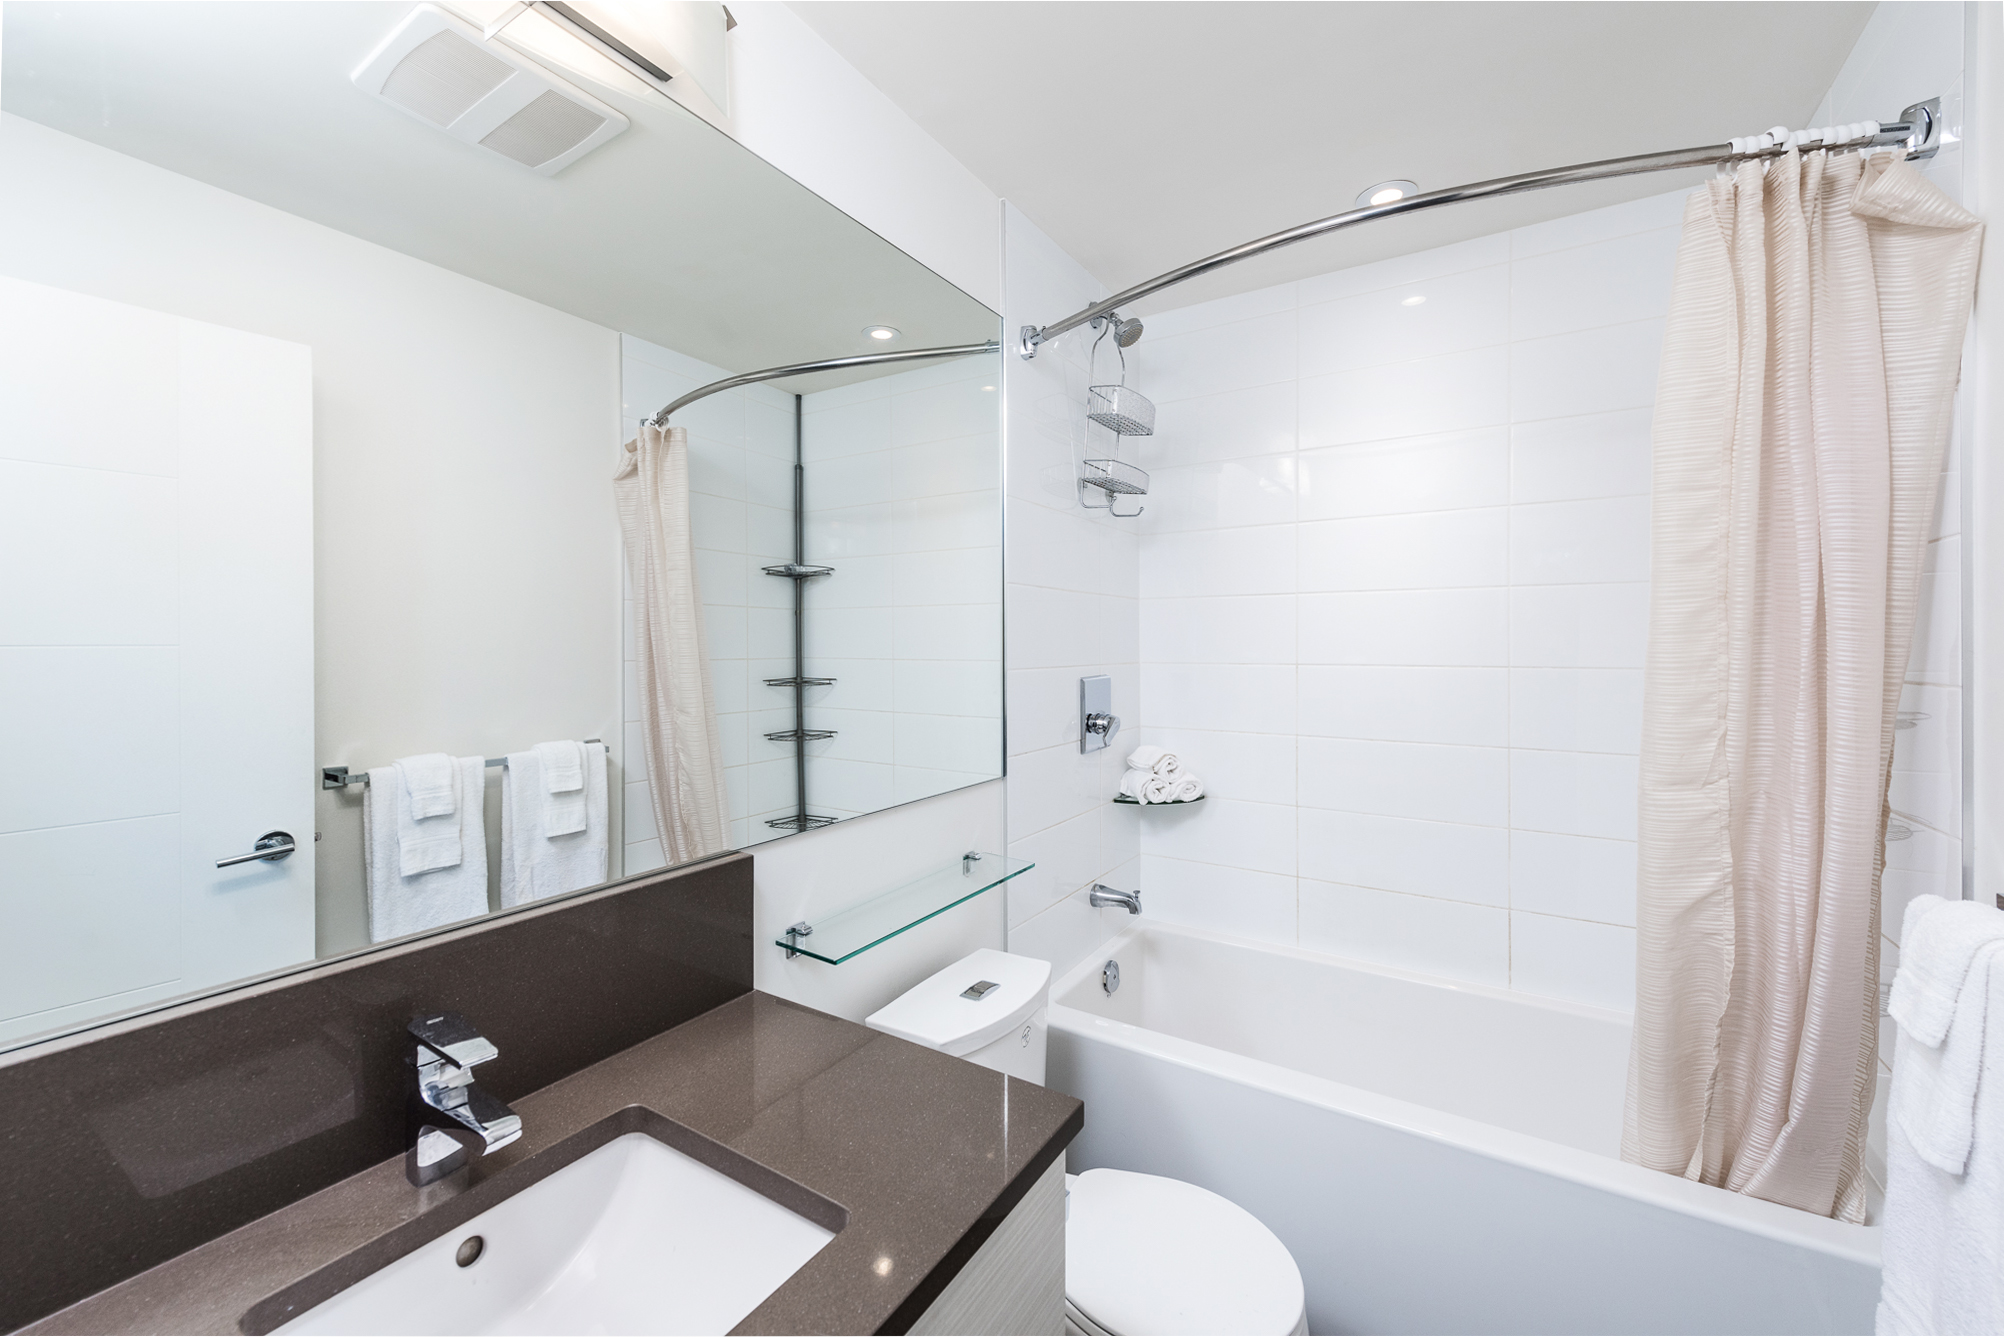 13919 Fraser Hwy, Surrey Main Bath